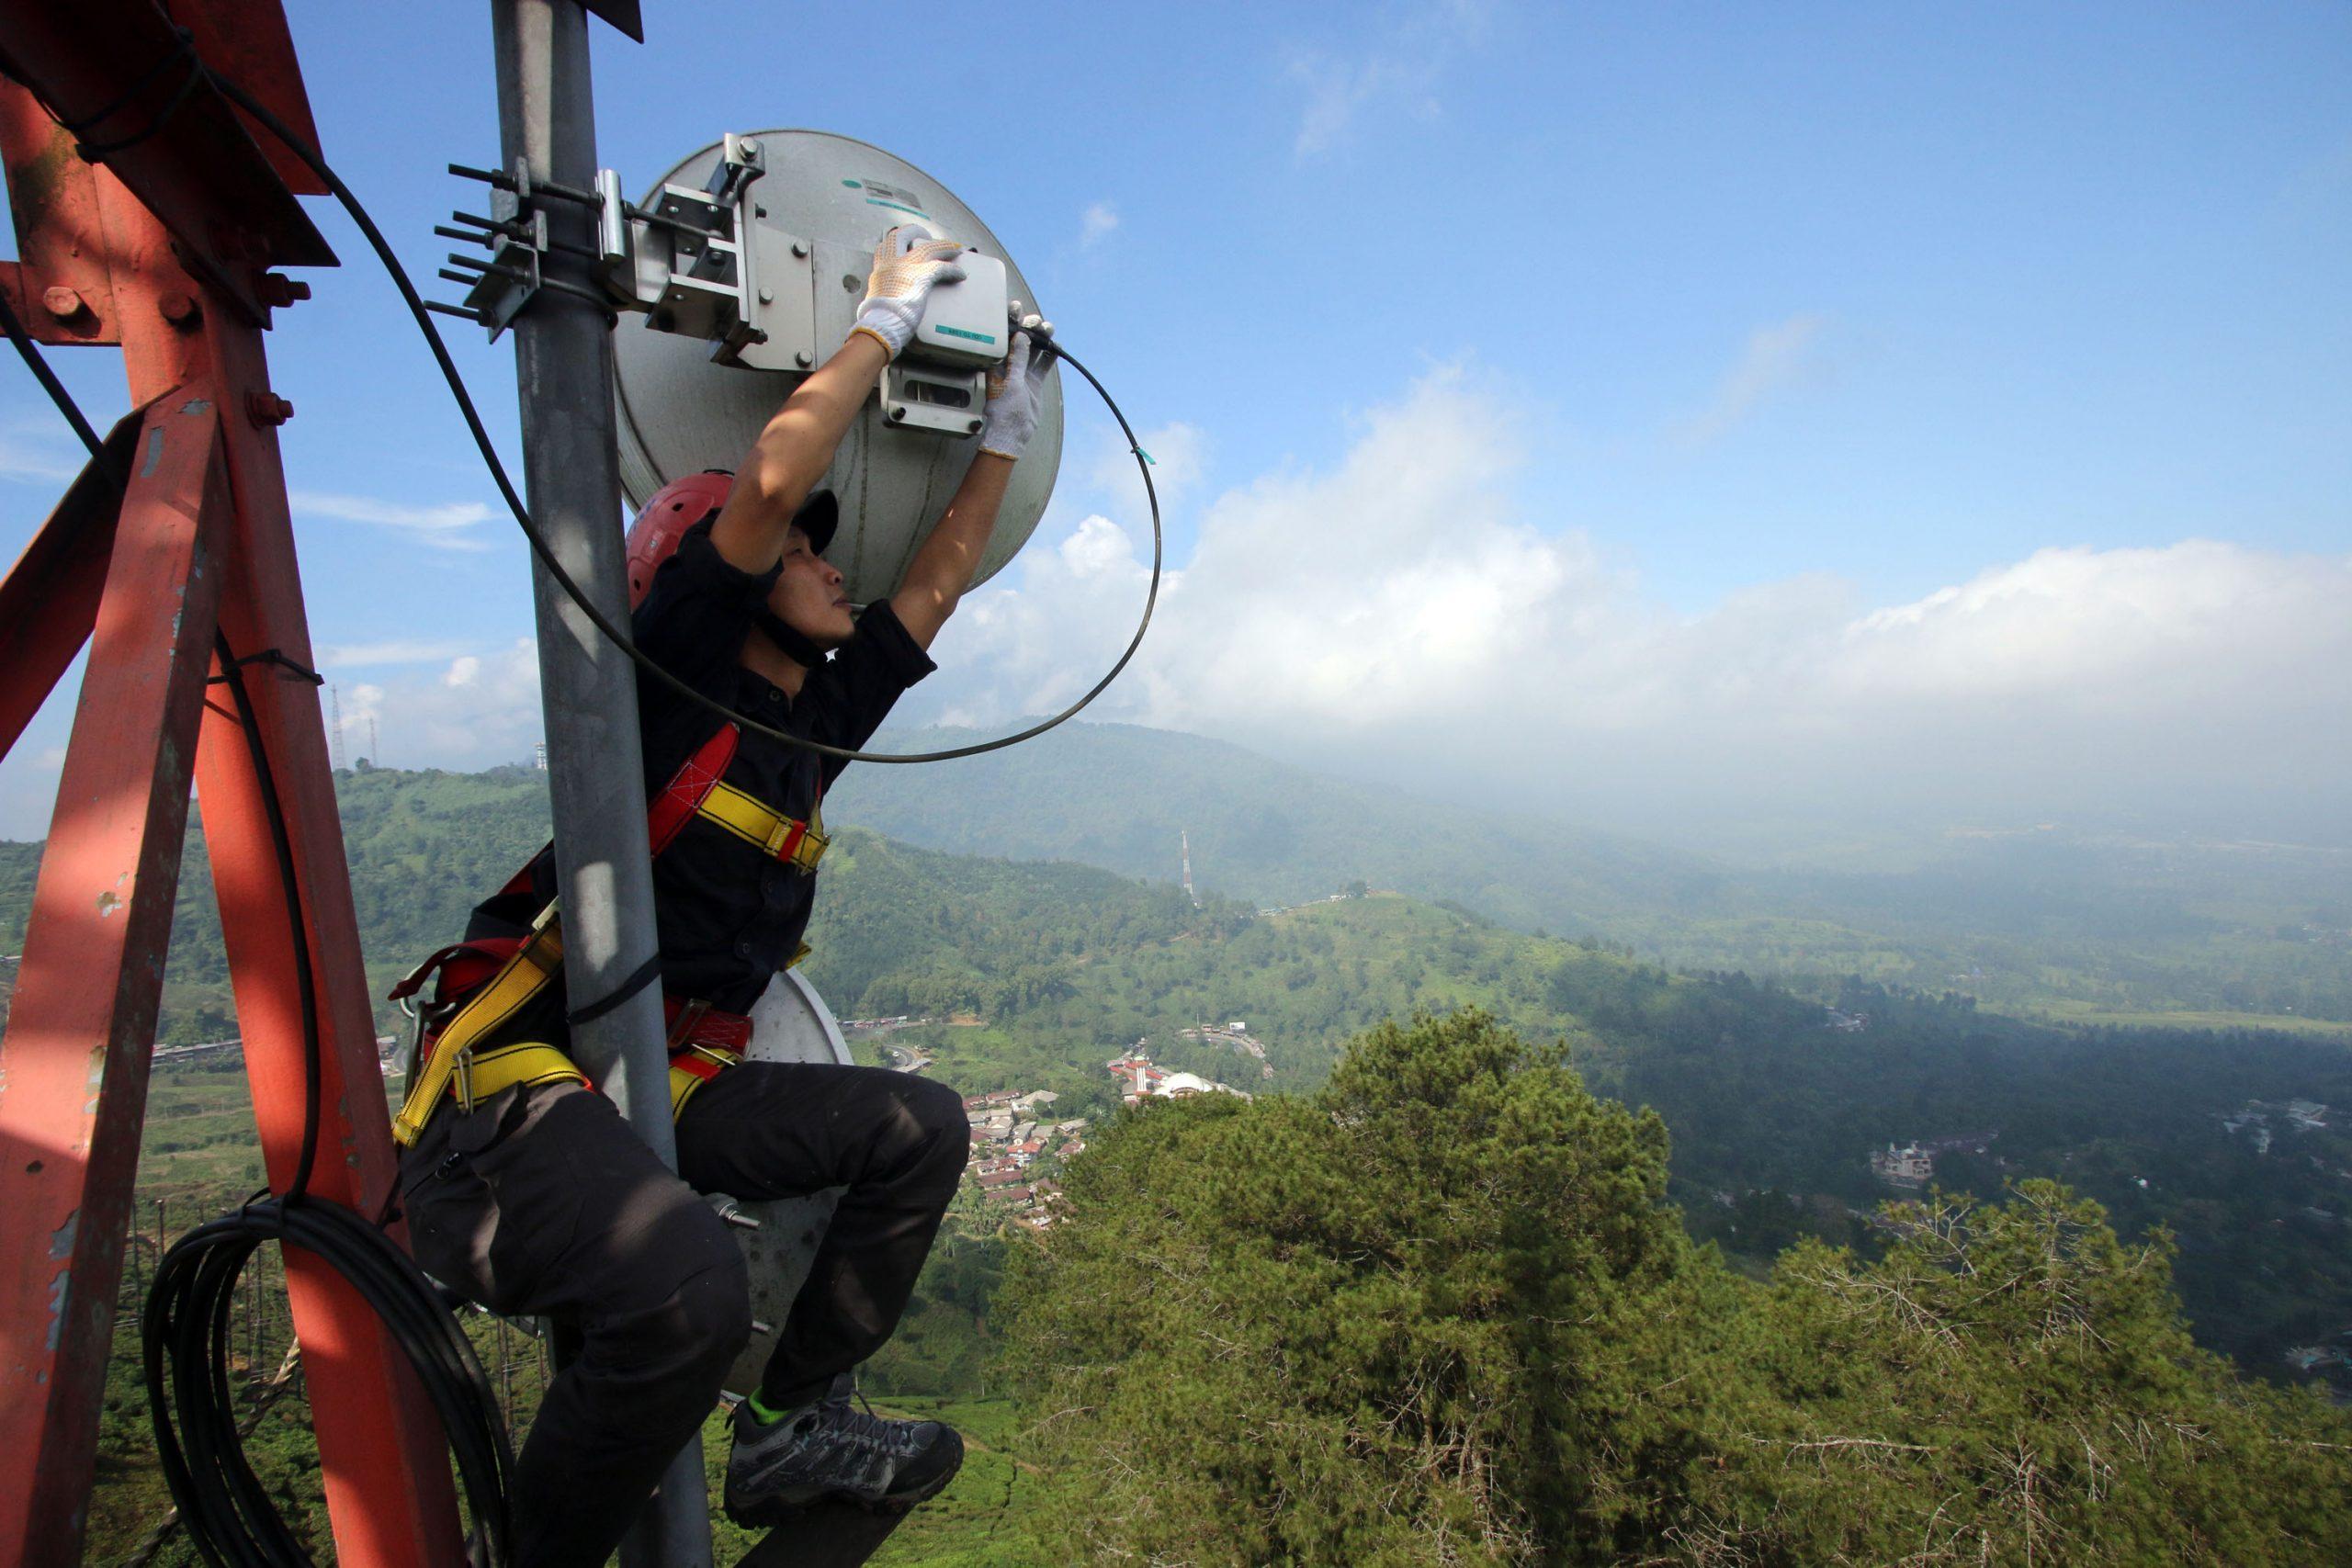 Keterangan Foto : Teknisi sedang melakukan perawatan rutin perangkat di BTS XL Axiata di wilayah Puncak, Bogor, Jawa Barat.